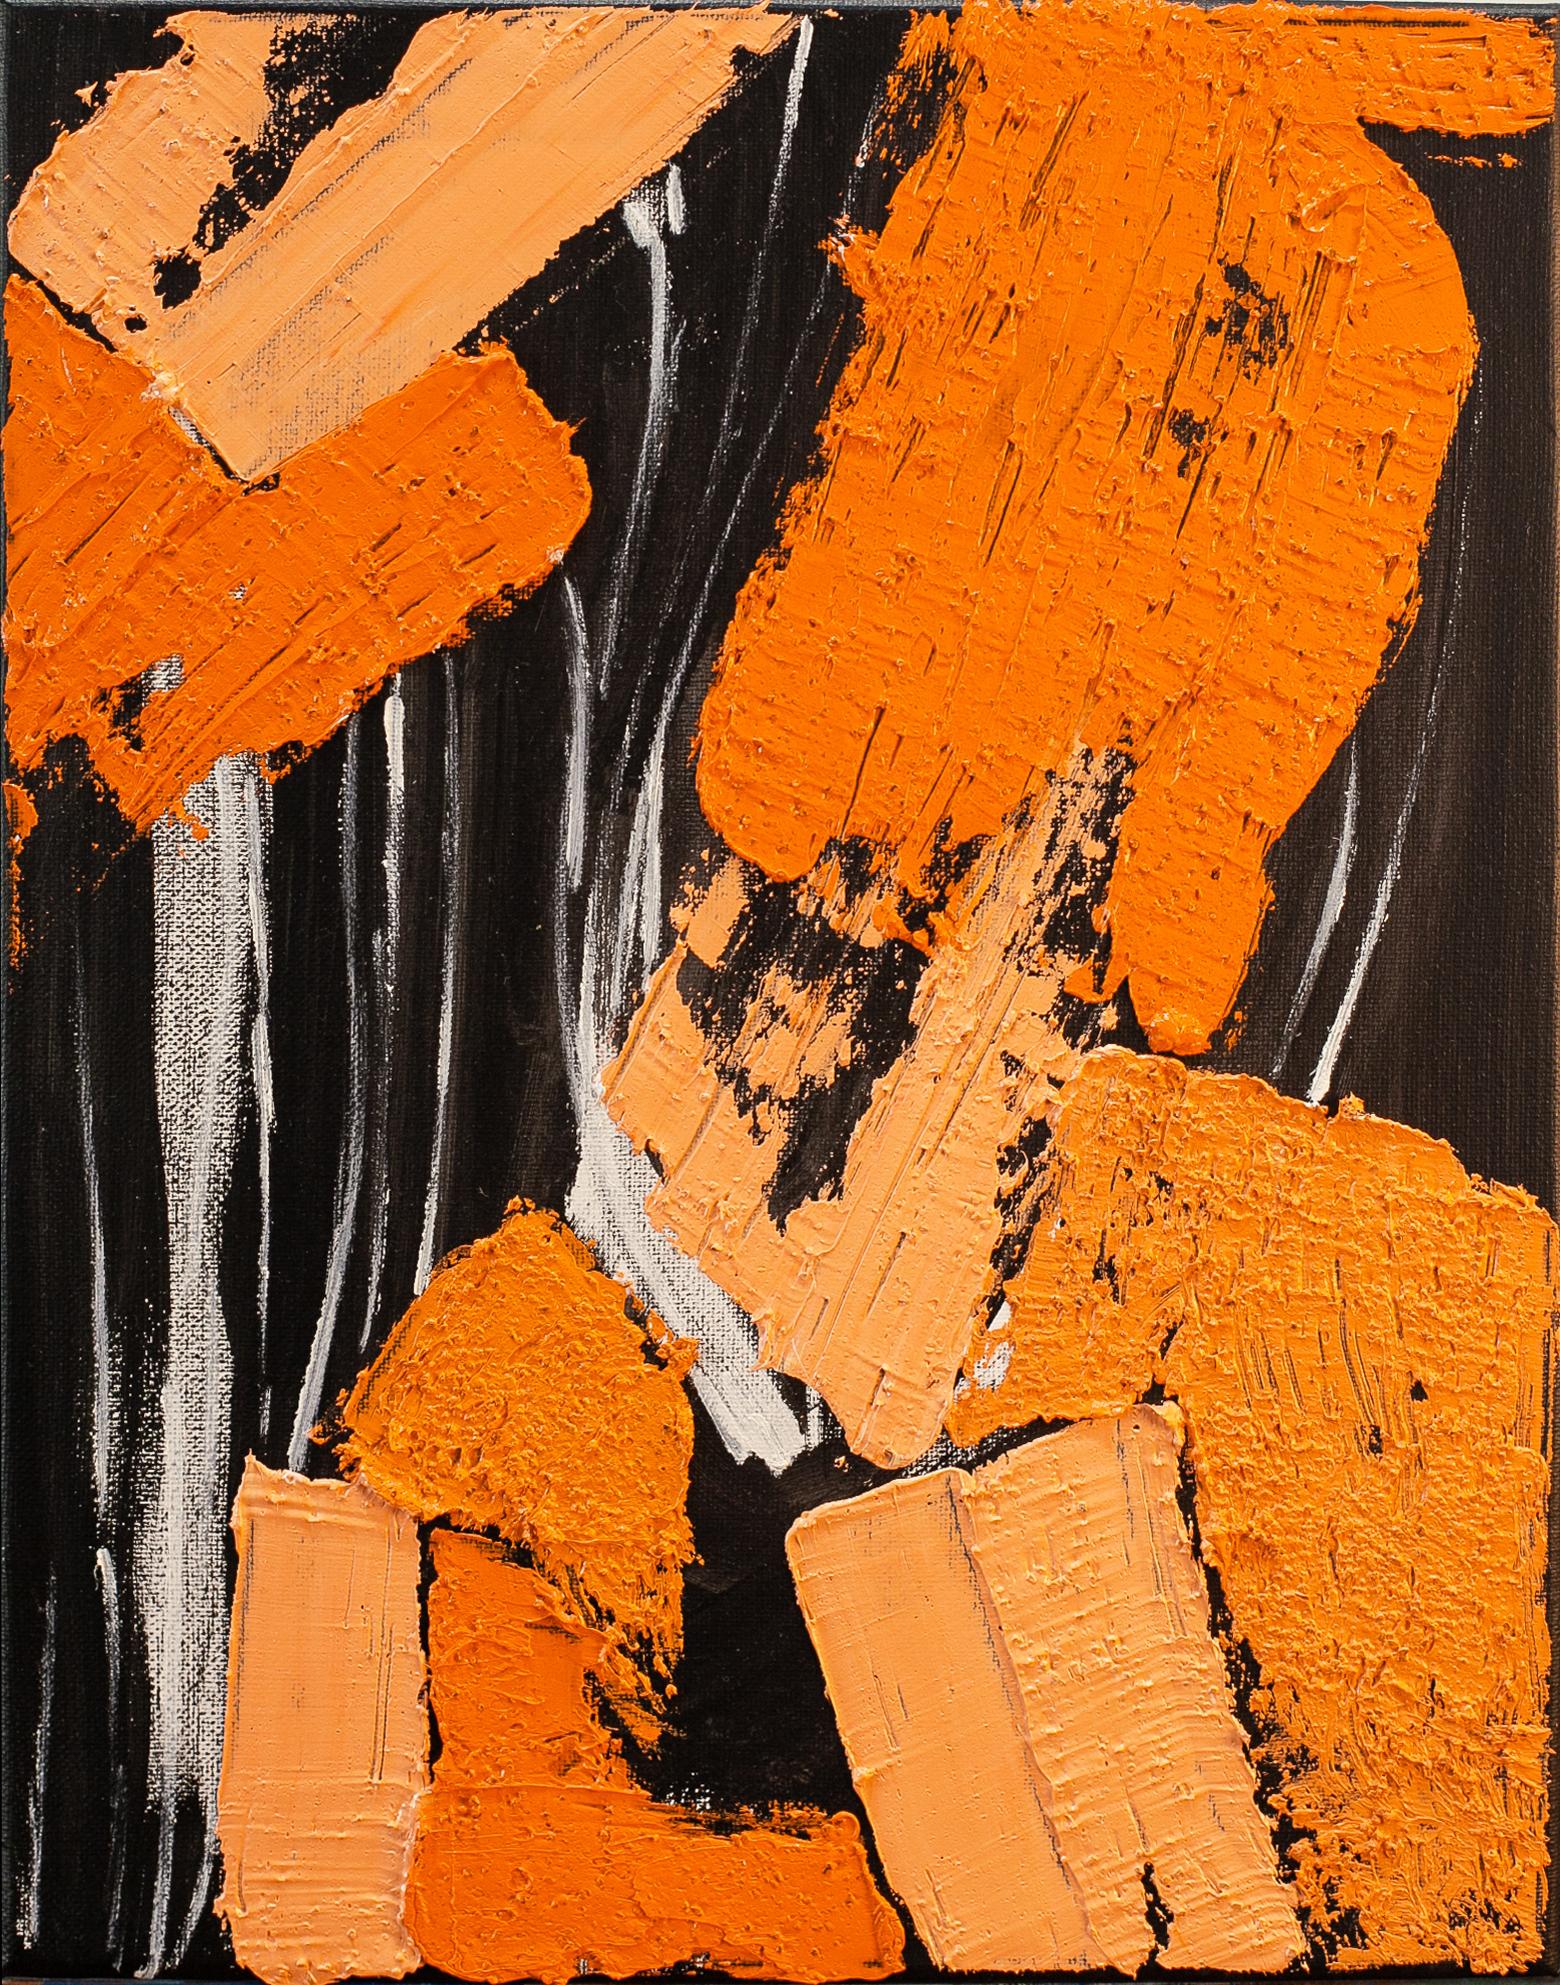 Orange on Black #3